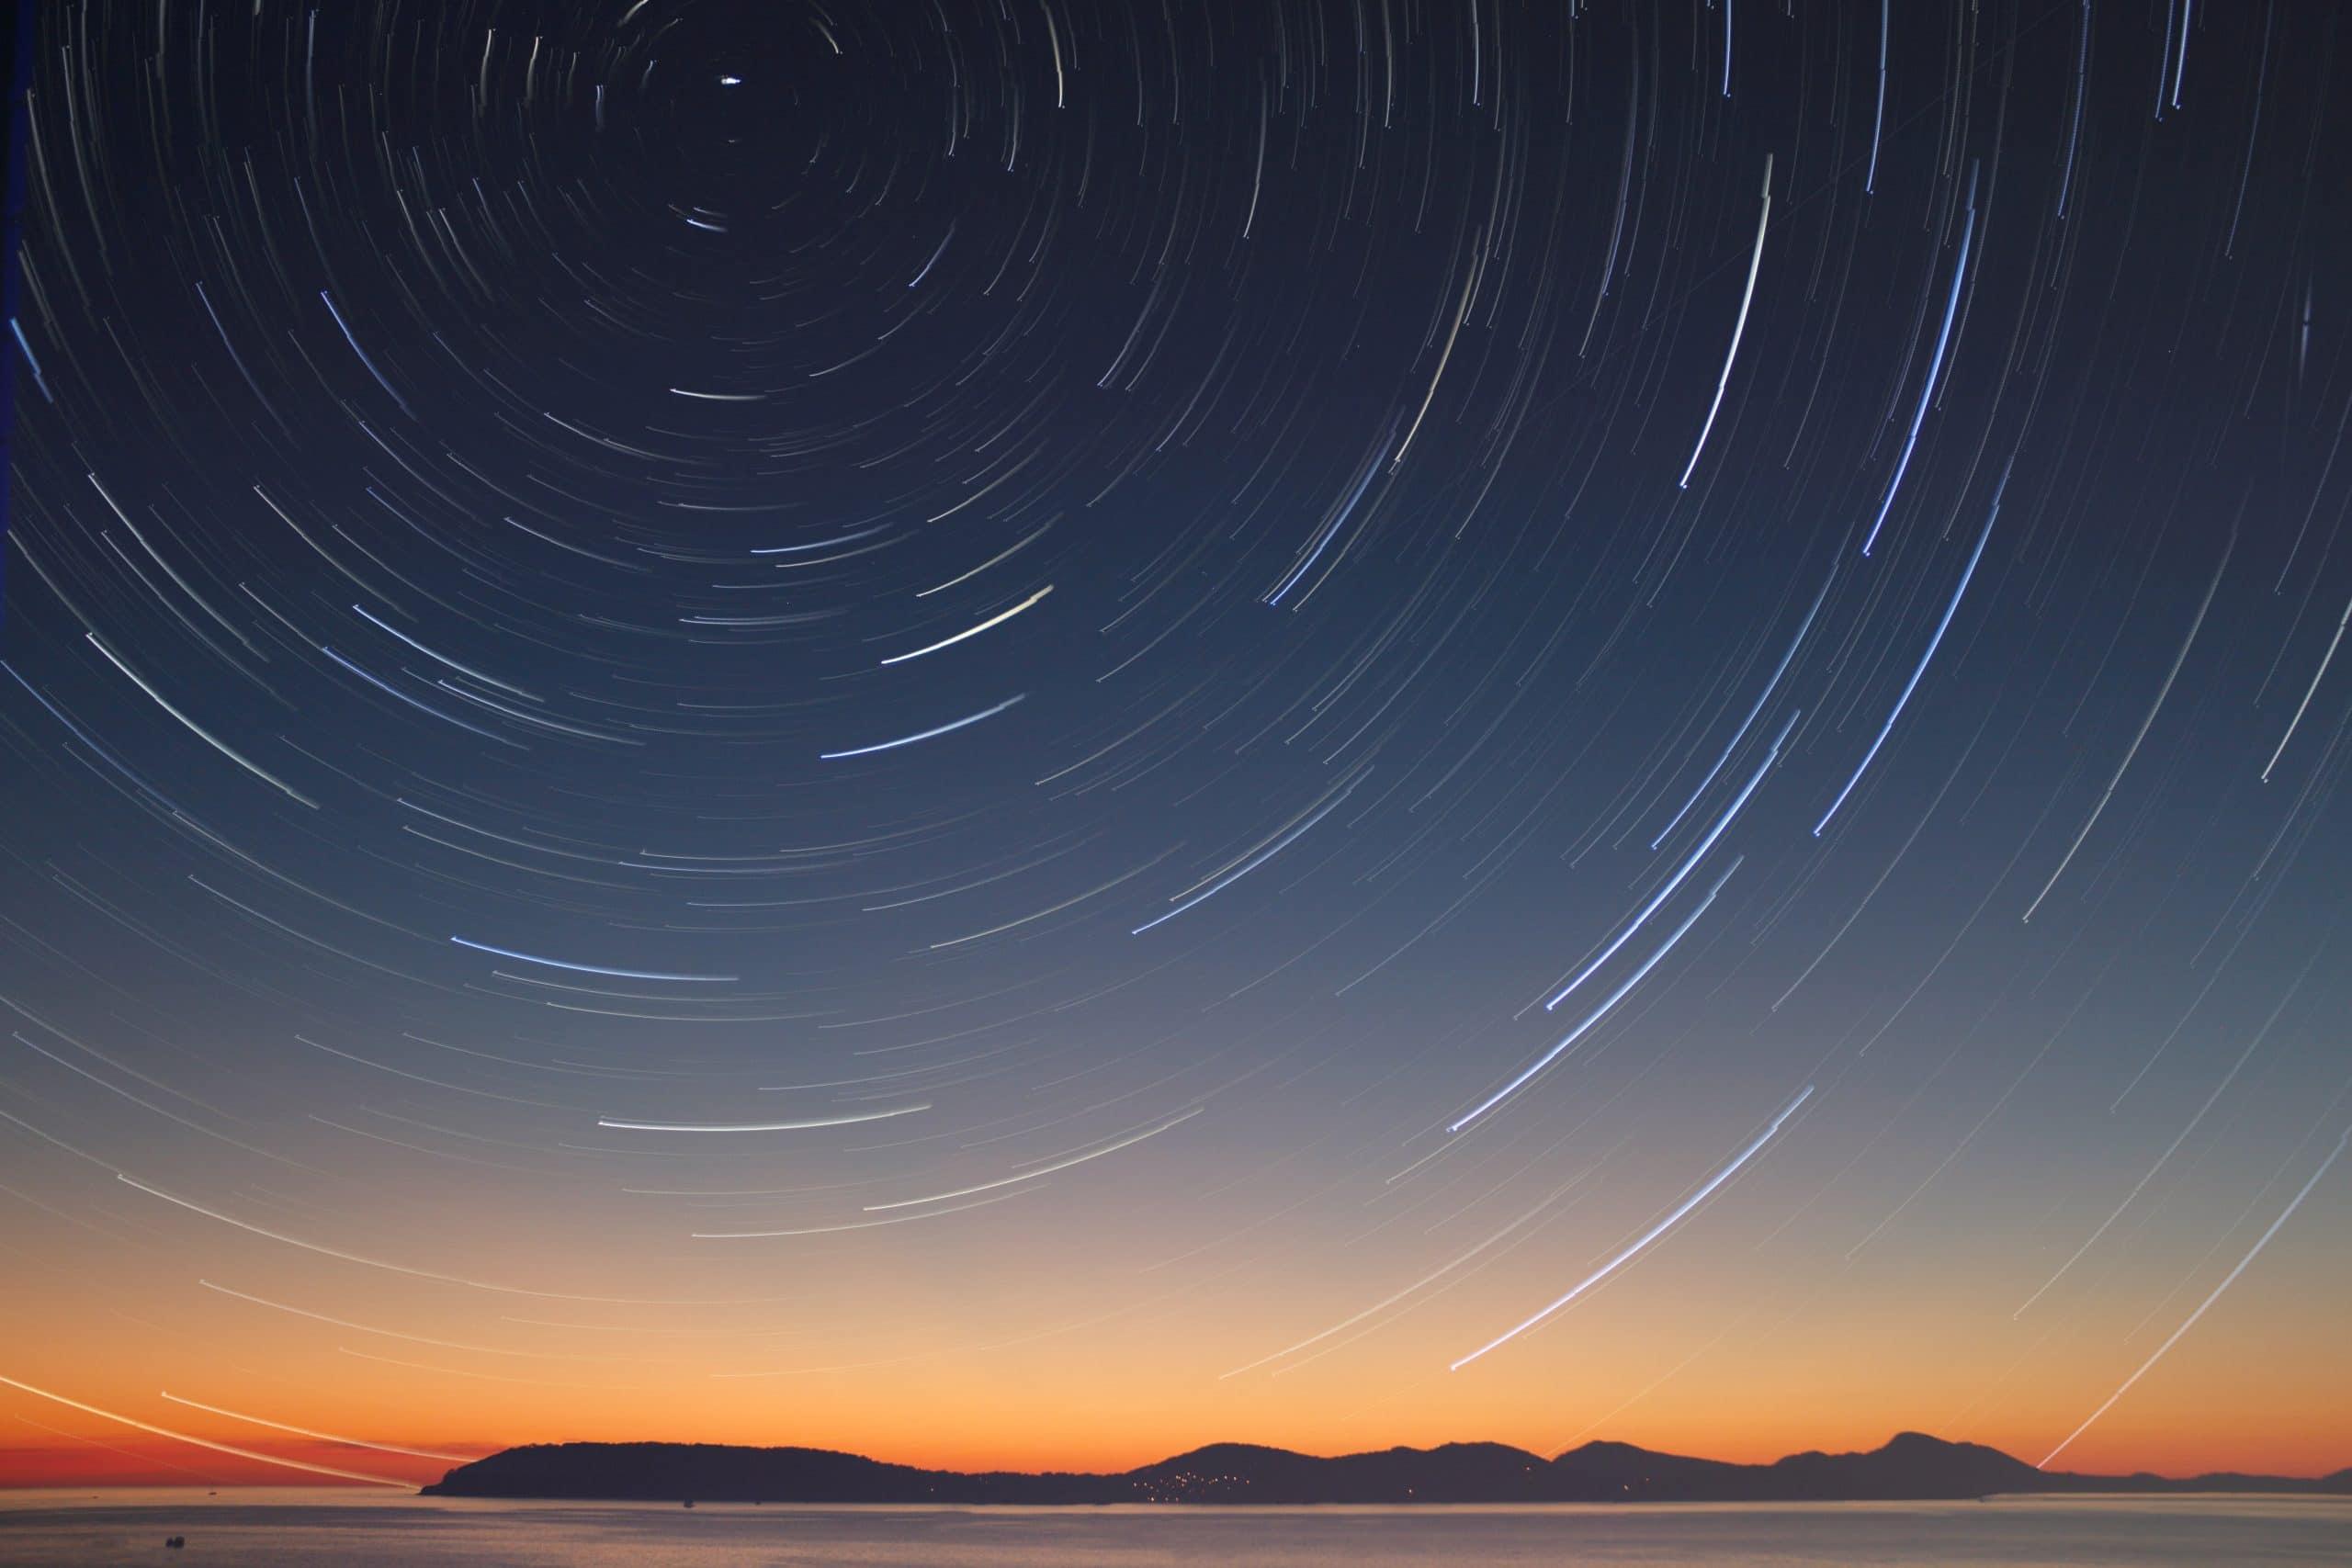 Céu cheio de estrelas em movimento.